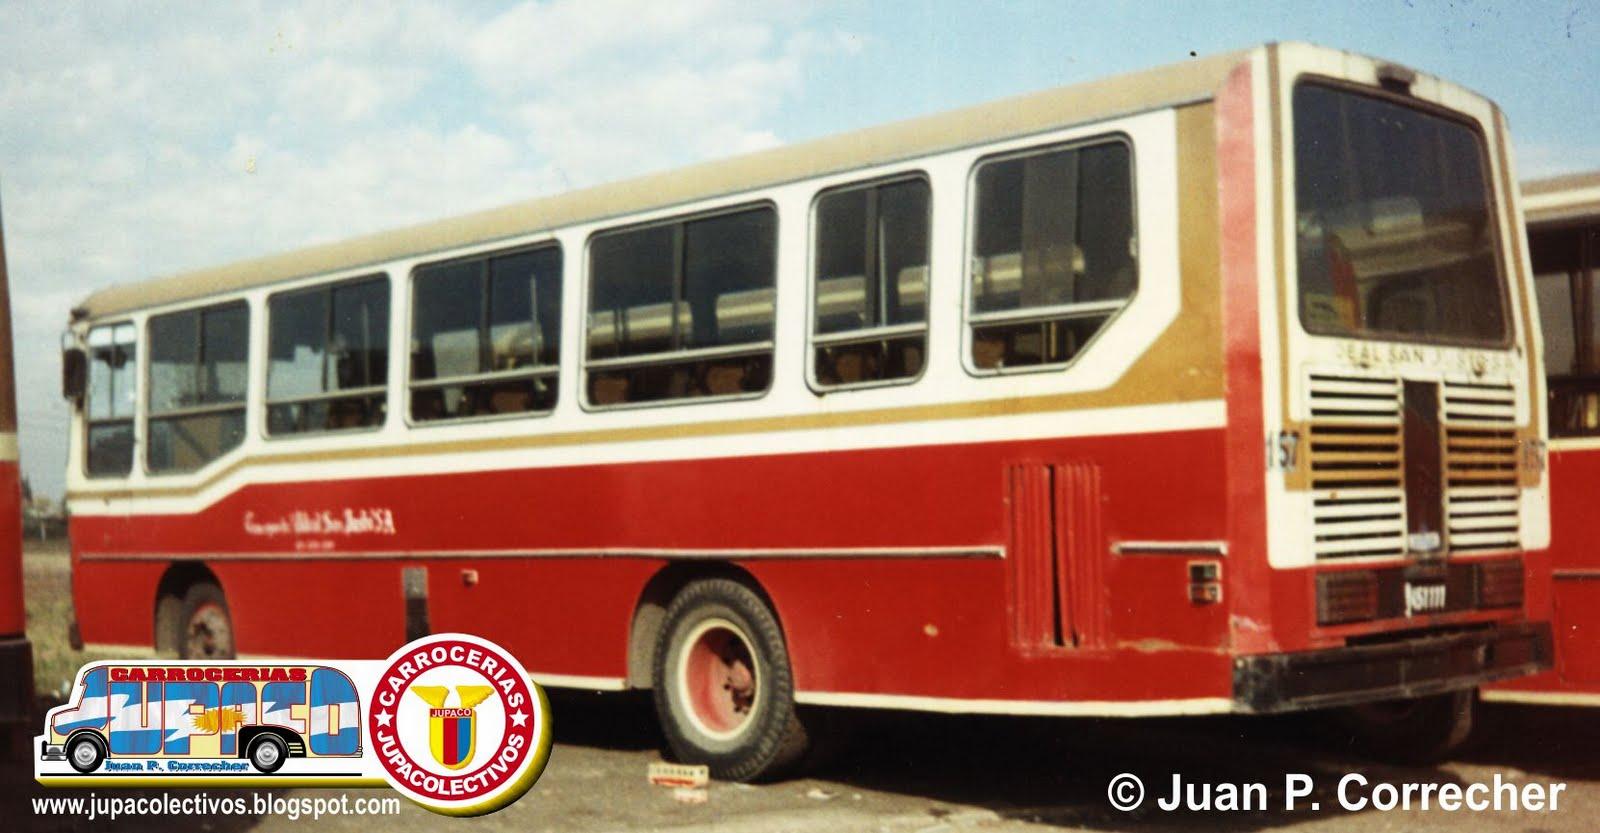 Fotos del recuerdo colecci n de jupacolectivos lineas 96 for San juan mercedes benz